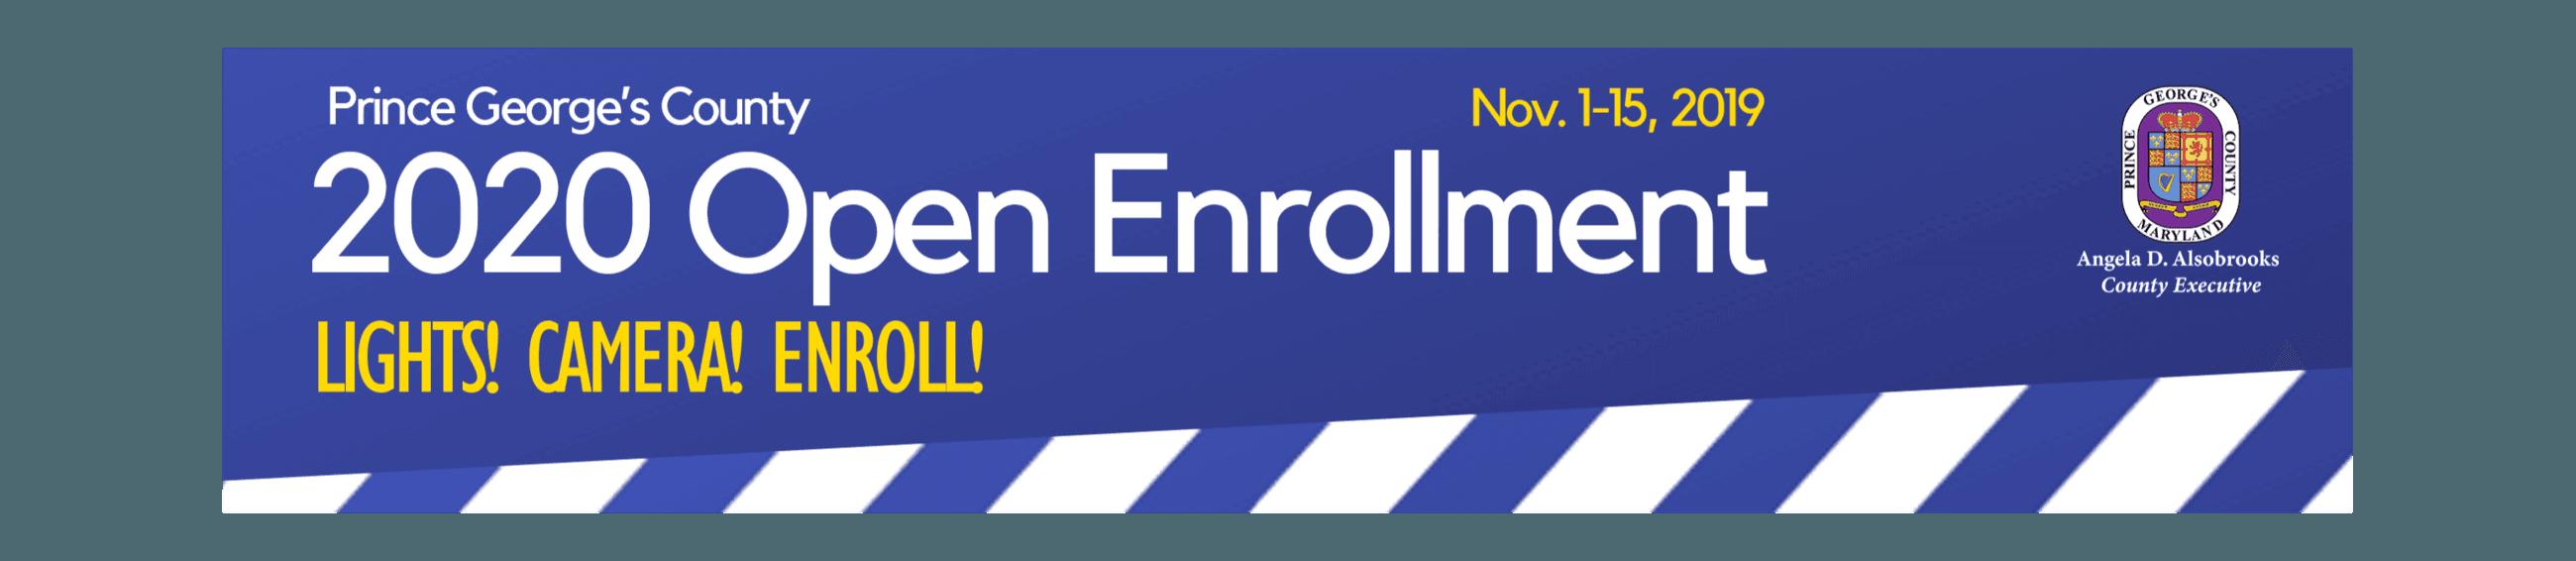 Open Enrollment 2020 Banner